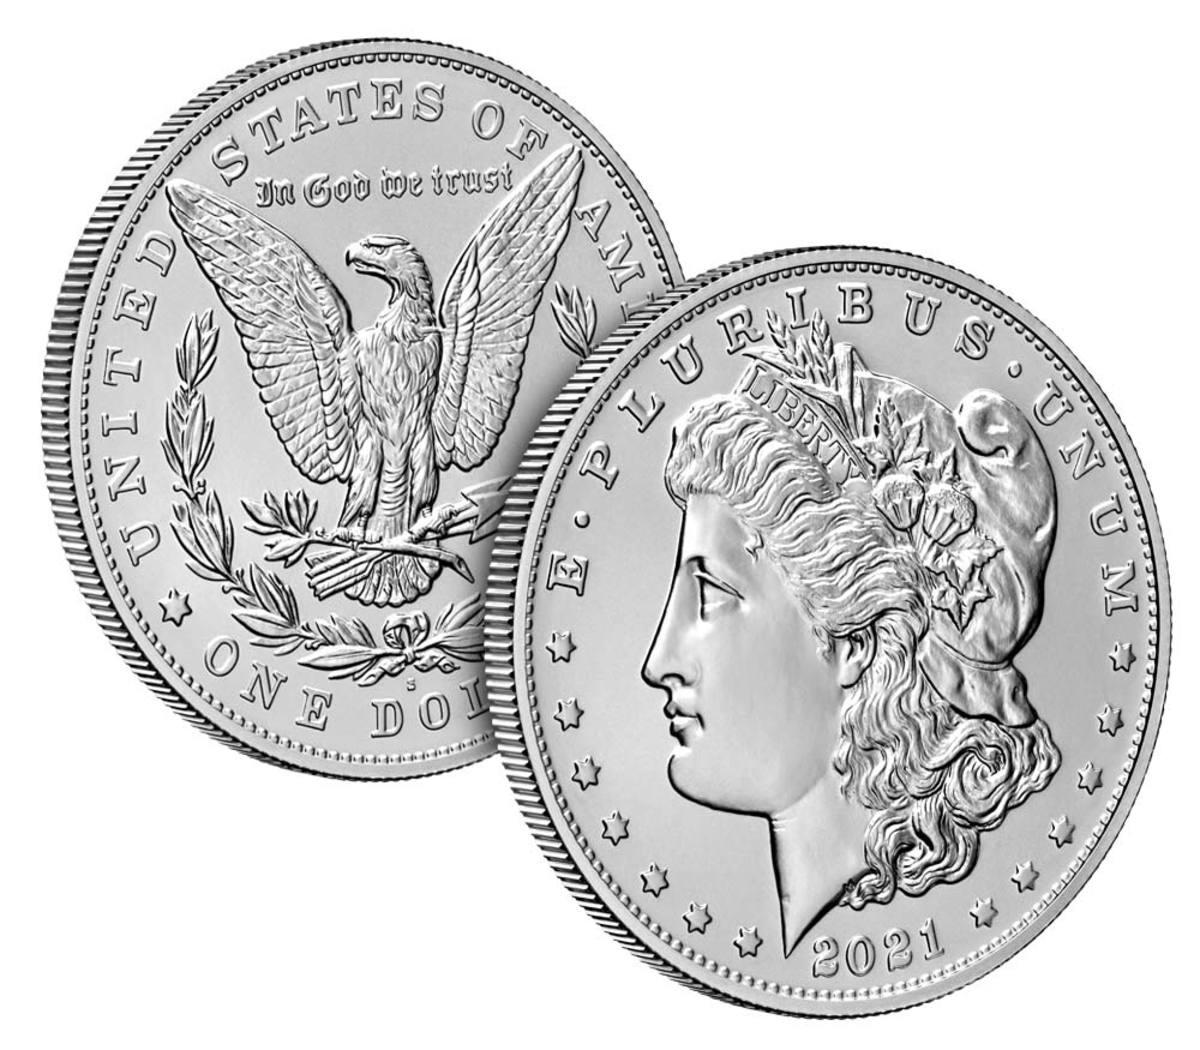 (Image courtesy United States Mint.)